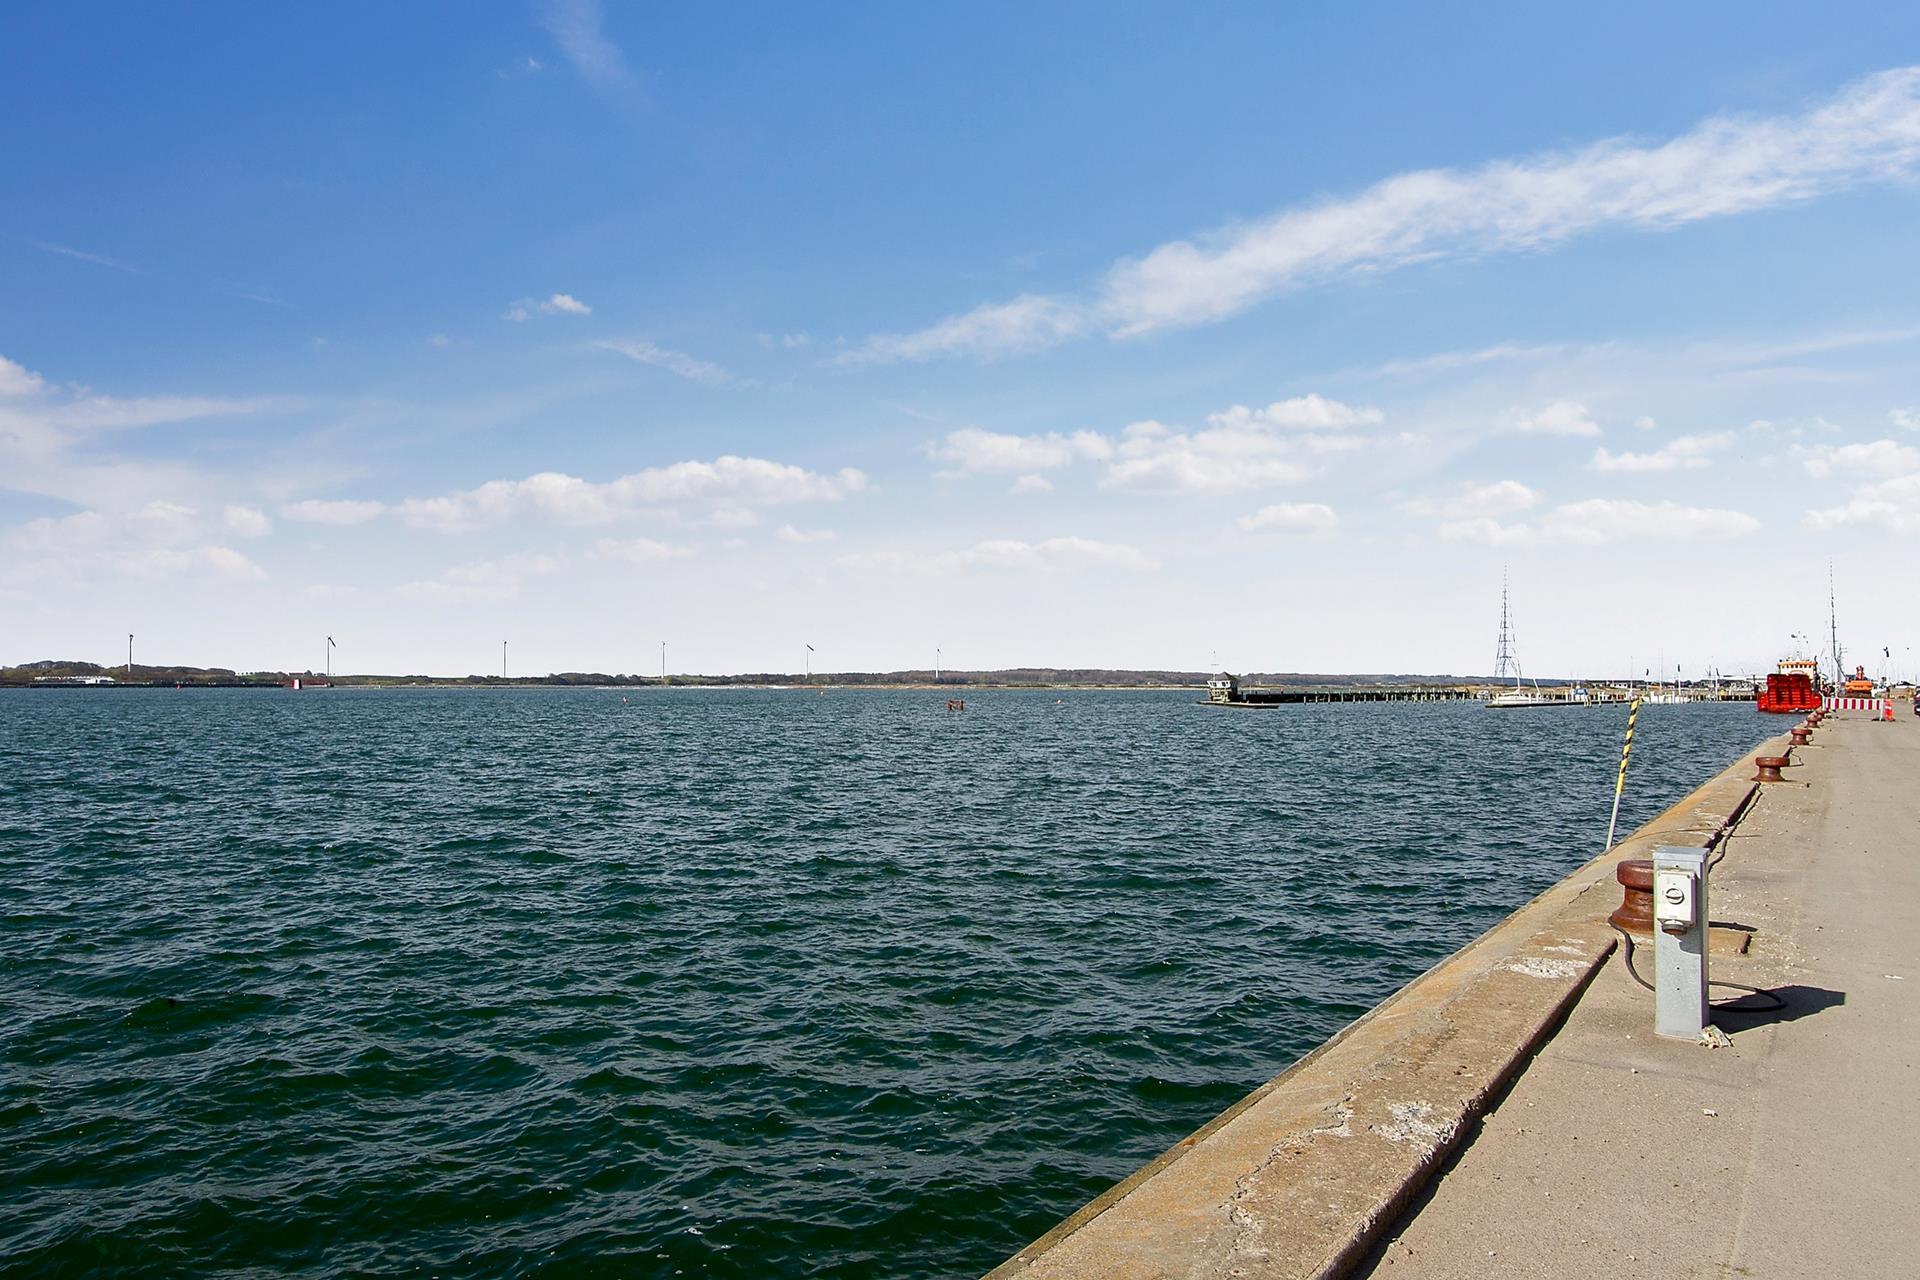 Andet på Vestre Havneplads i Kalundborg - Omgivelser